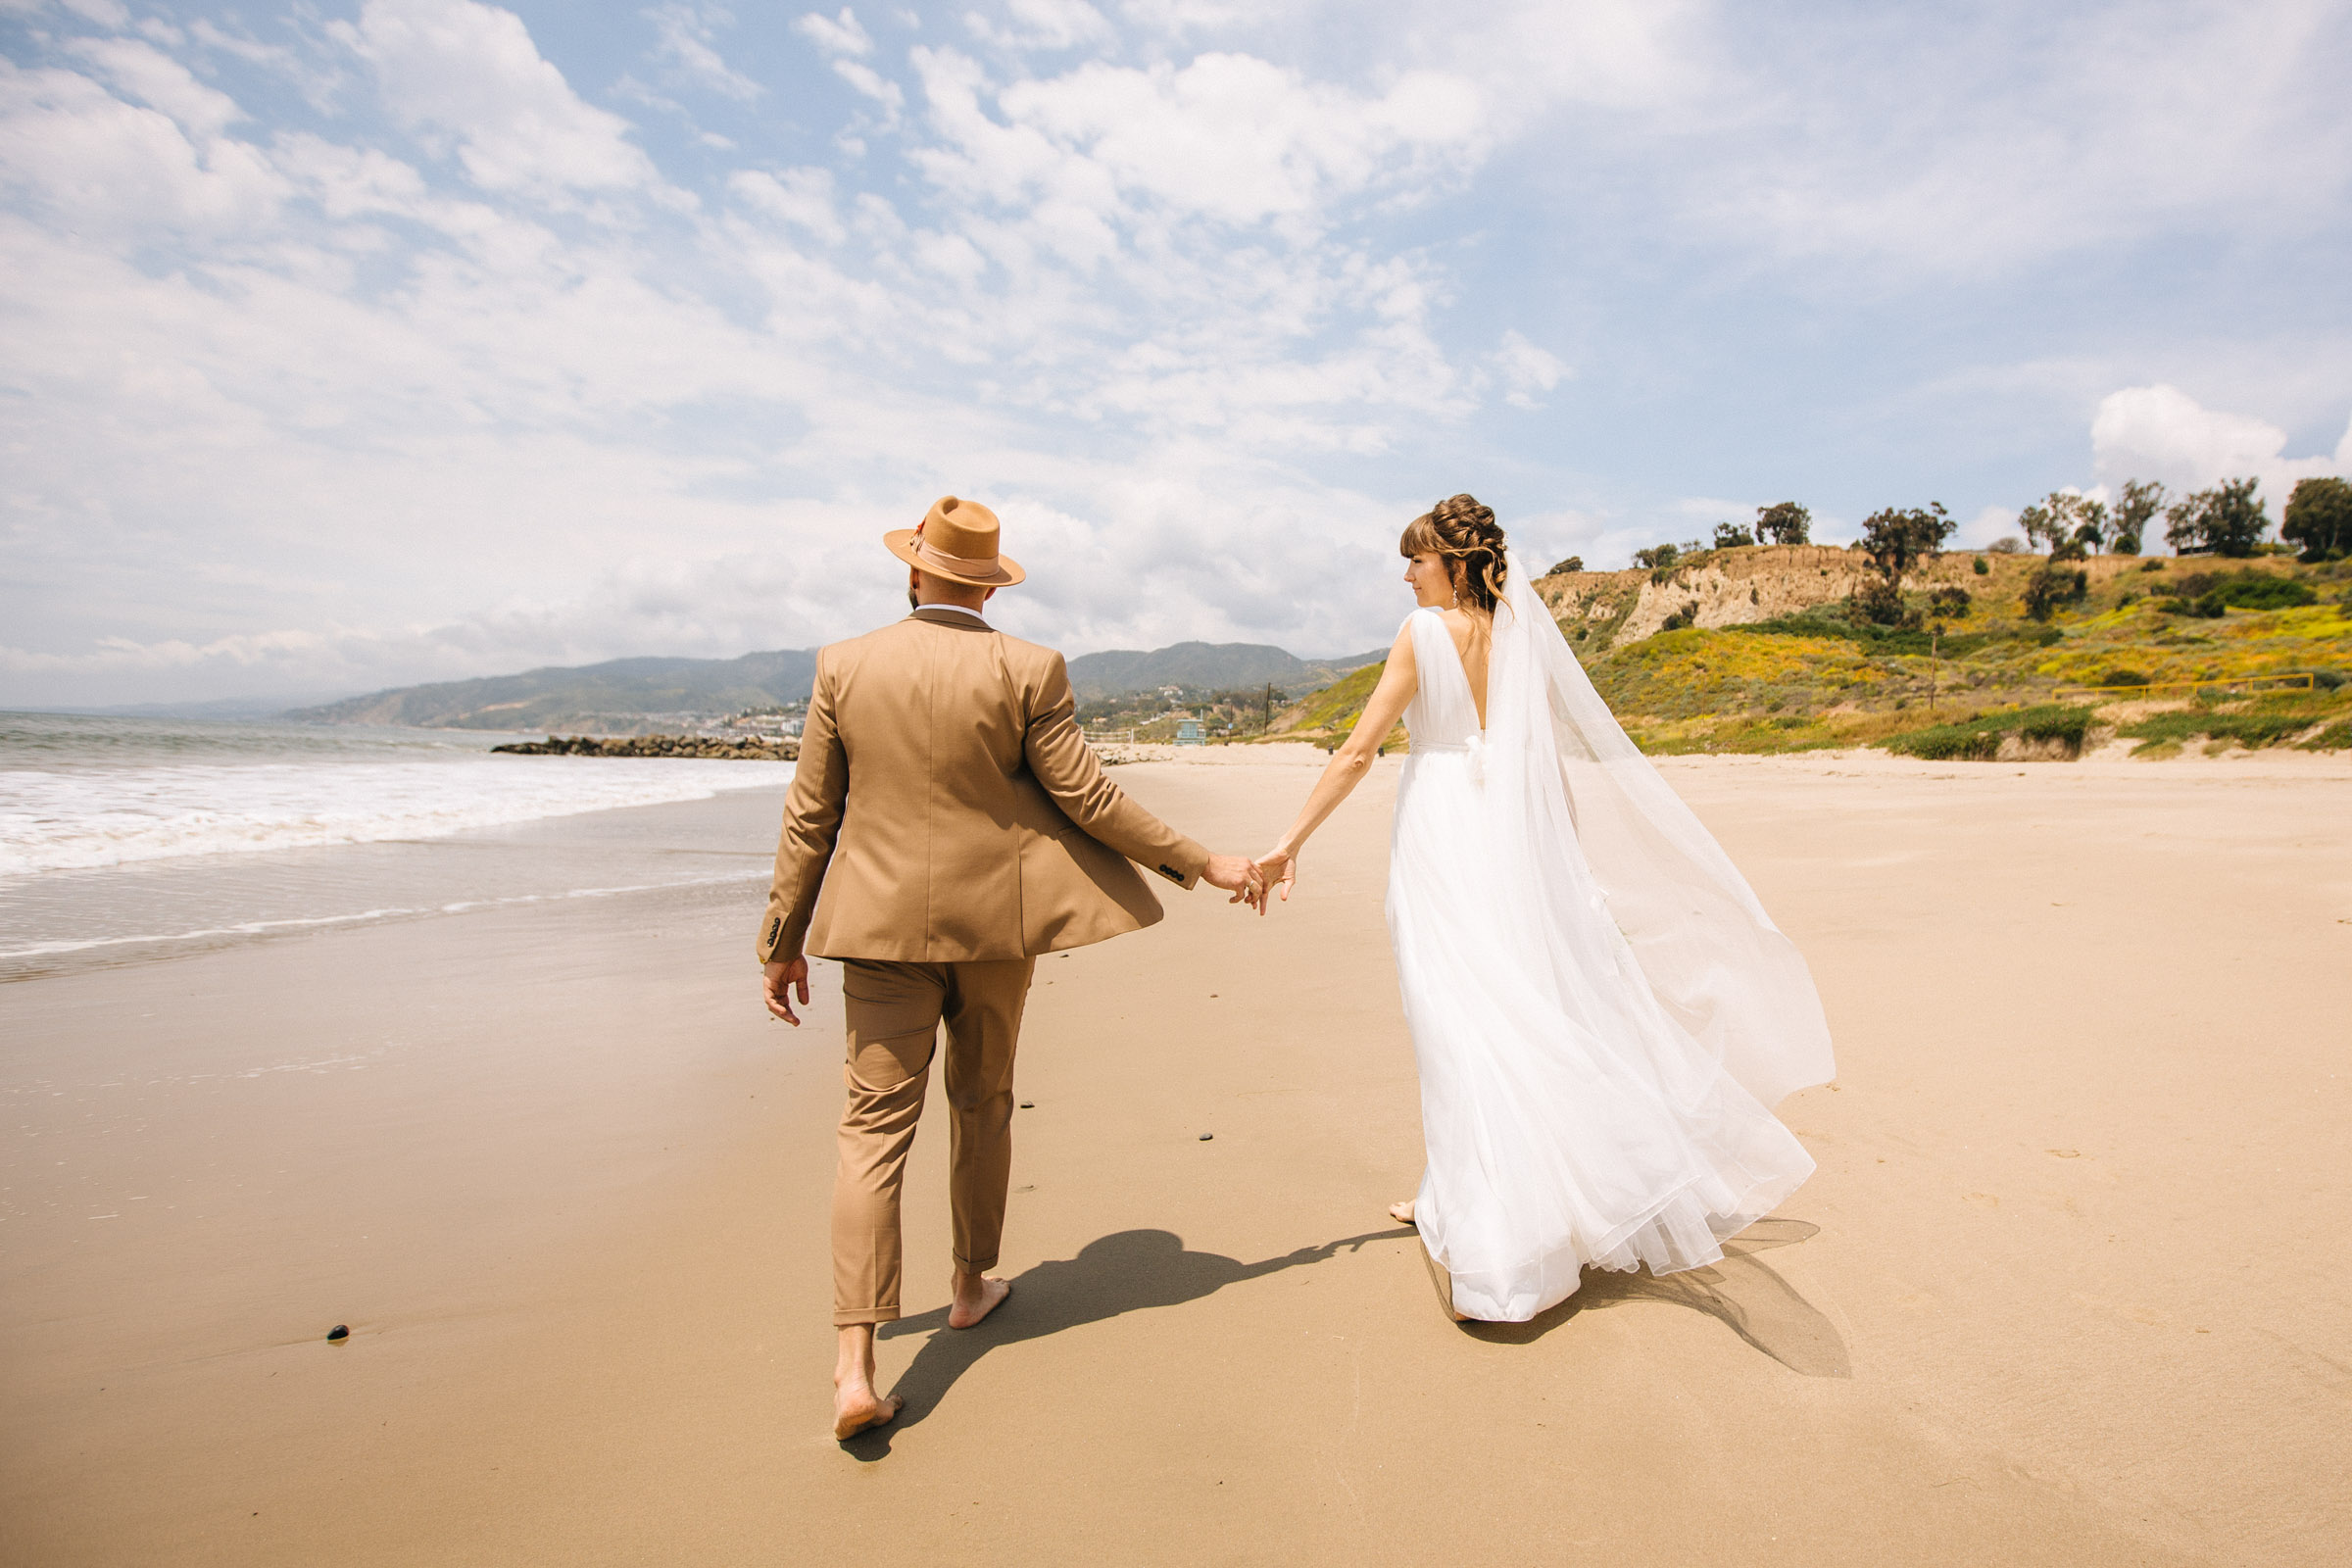 Newlyweds walking along the beach holdin